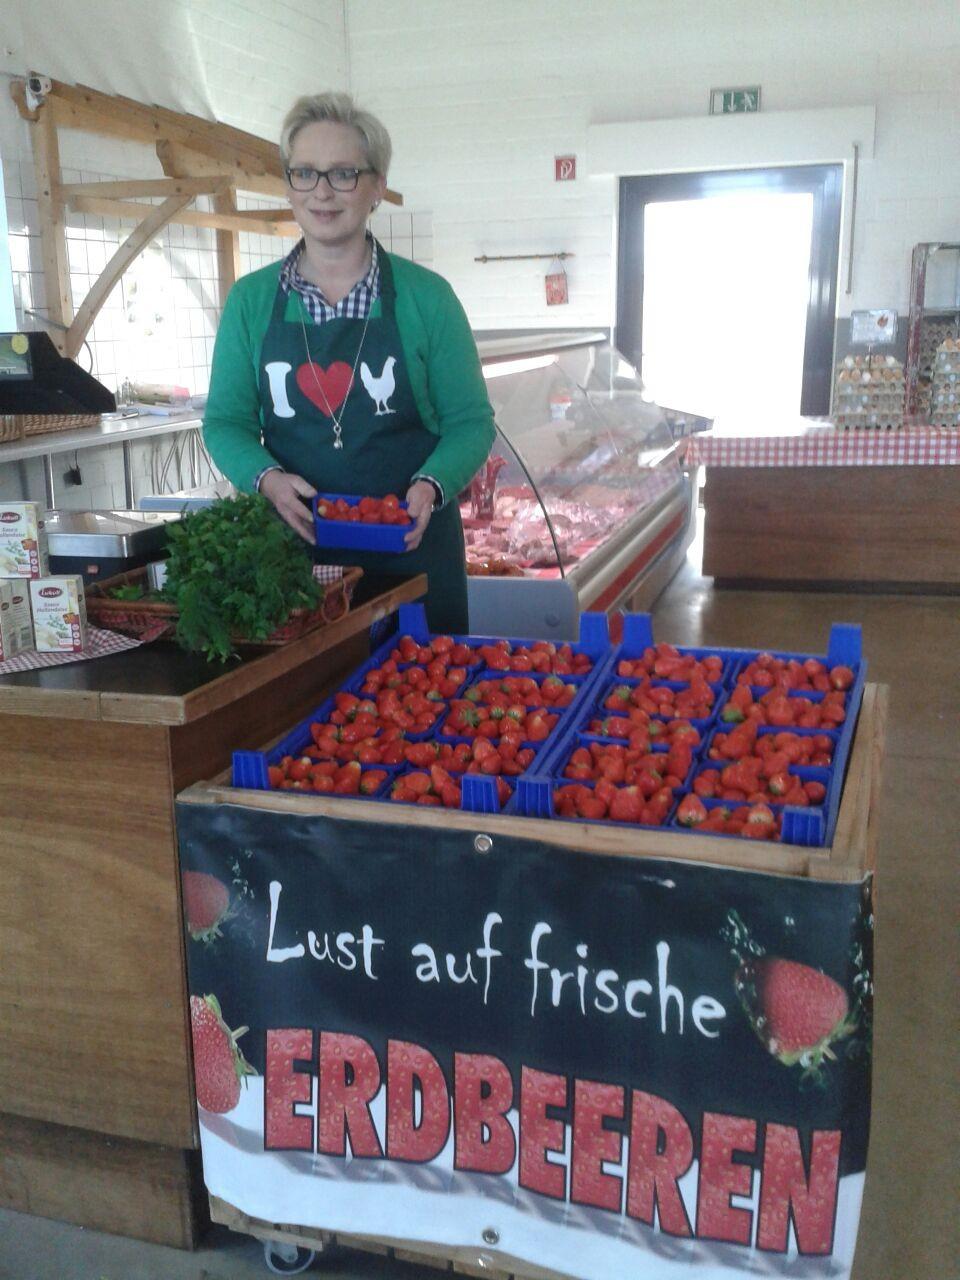 Leckere frische Erdbeeren